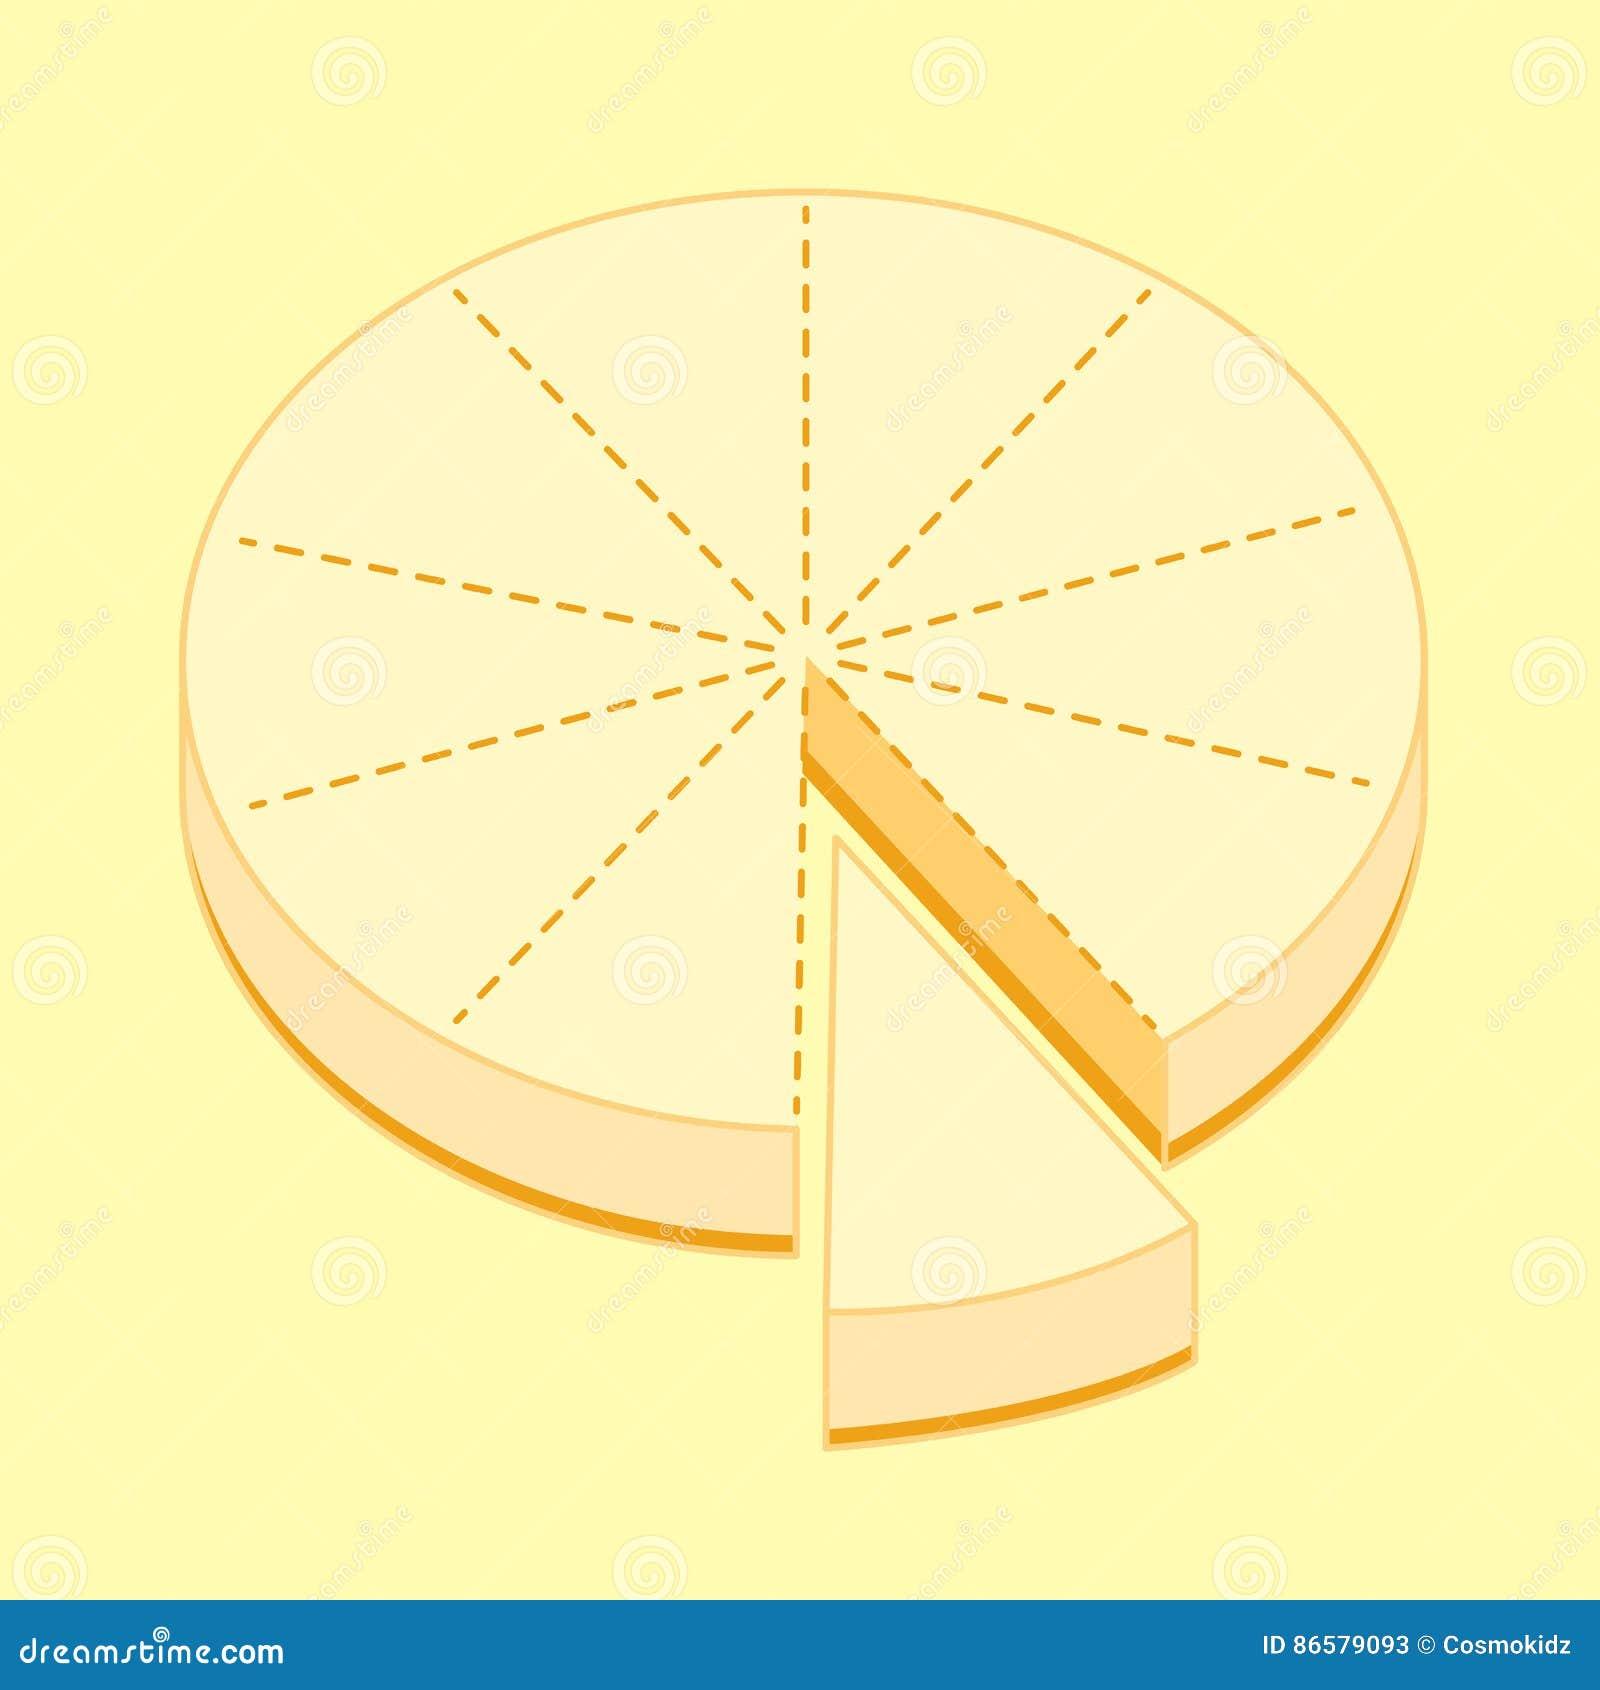 Le gâteau au fromage dix morceaux divisent le plan, illustration de croquis